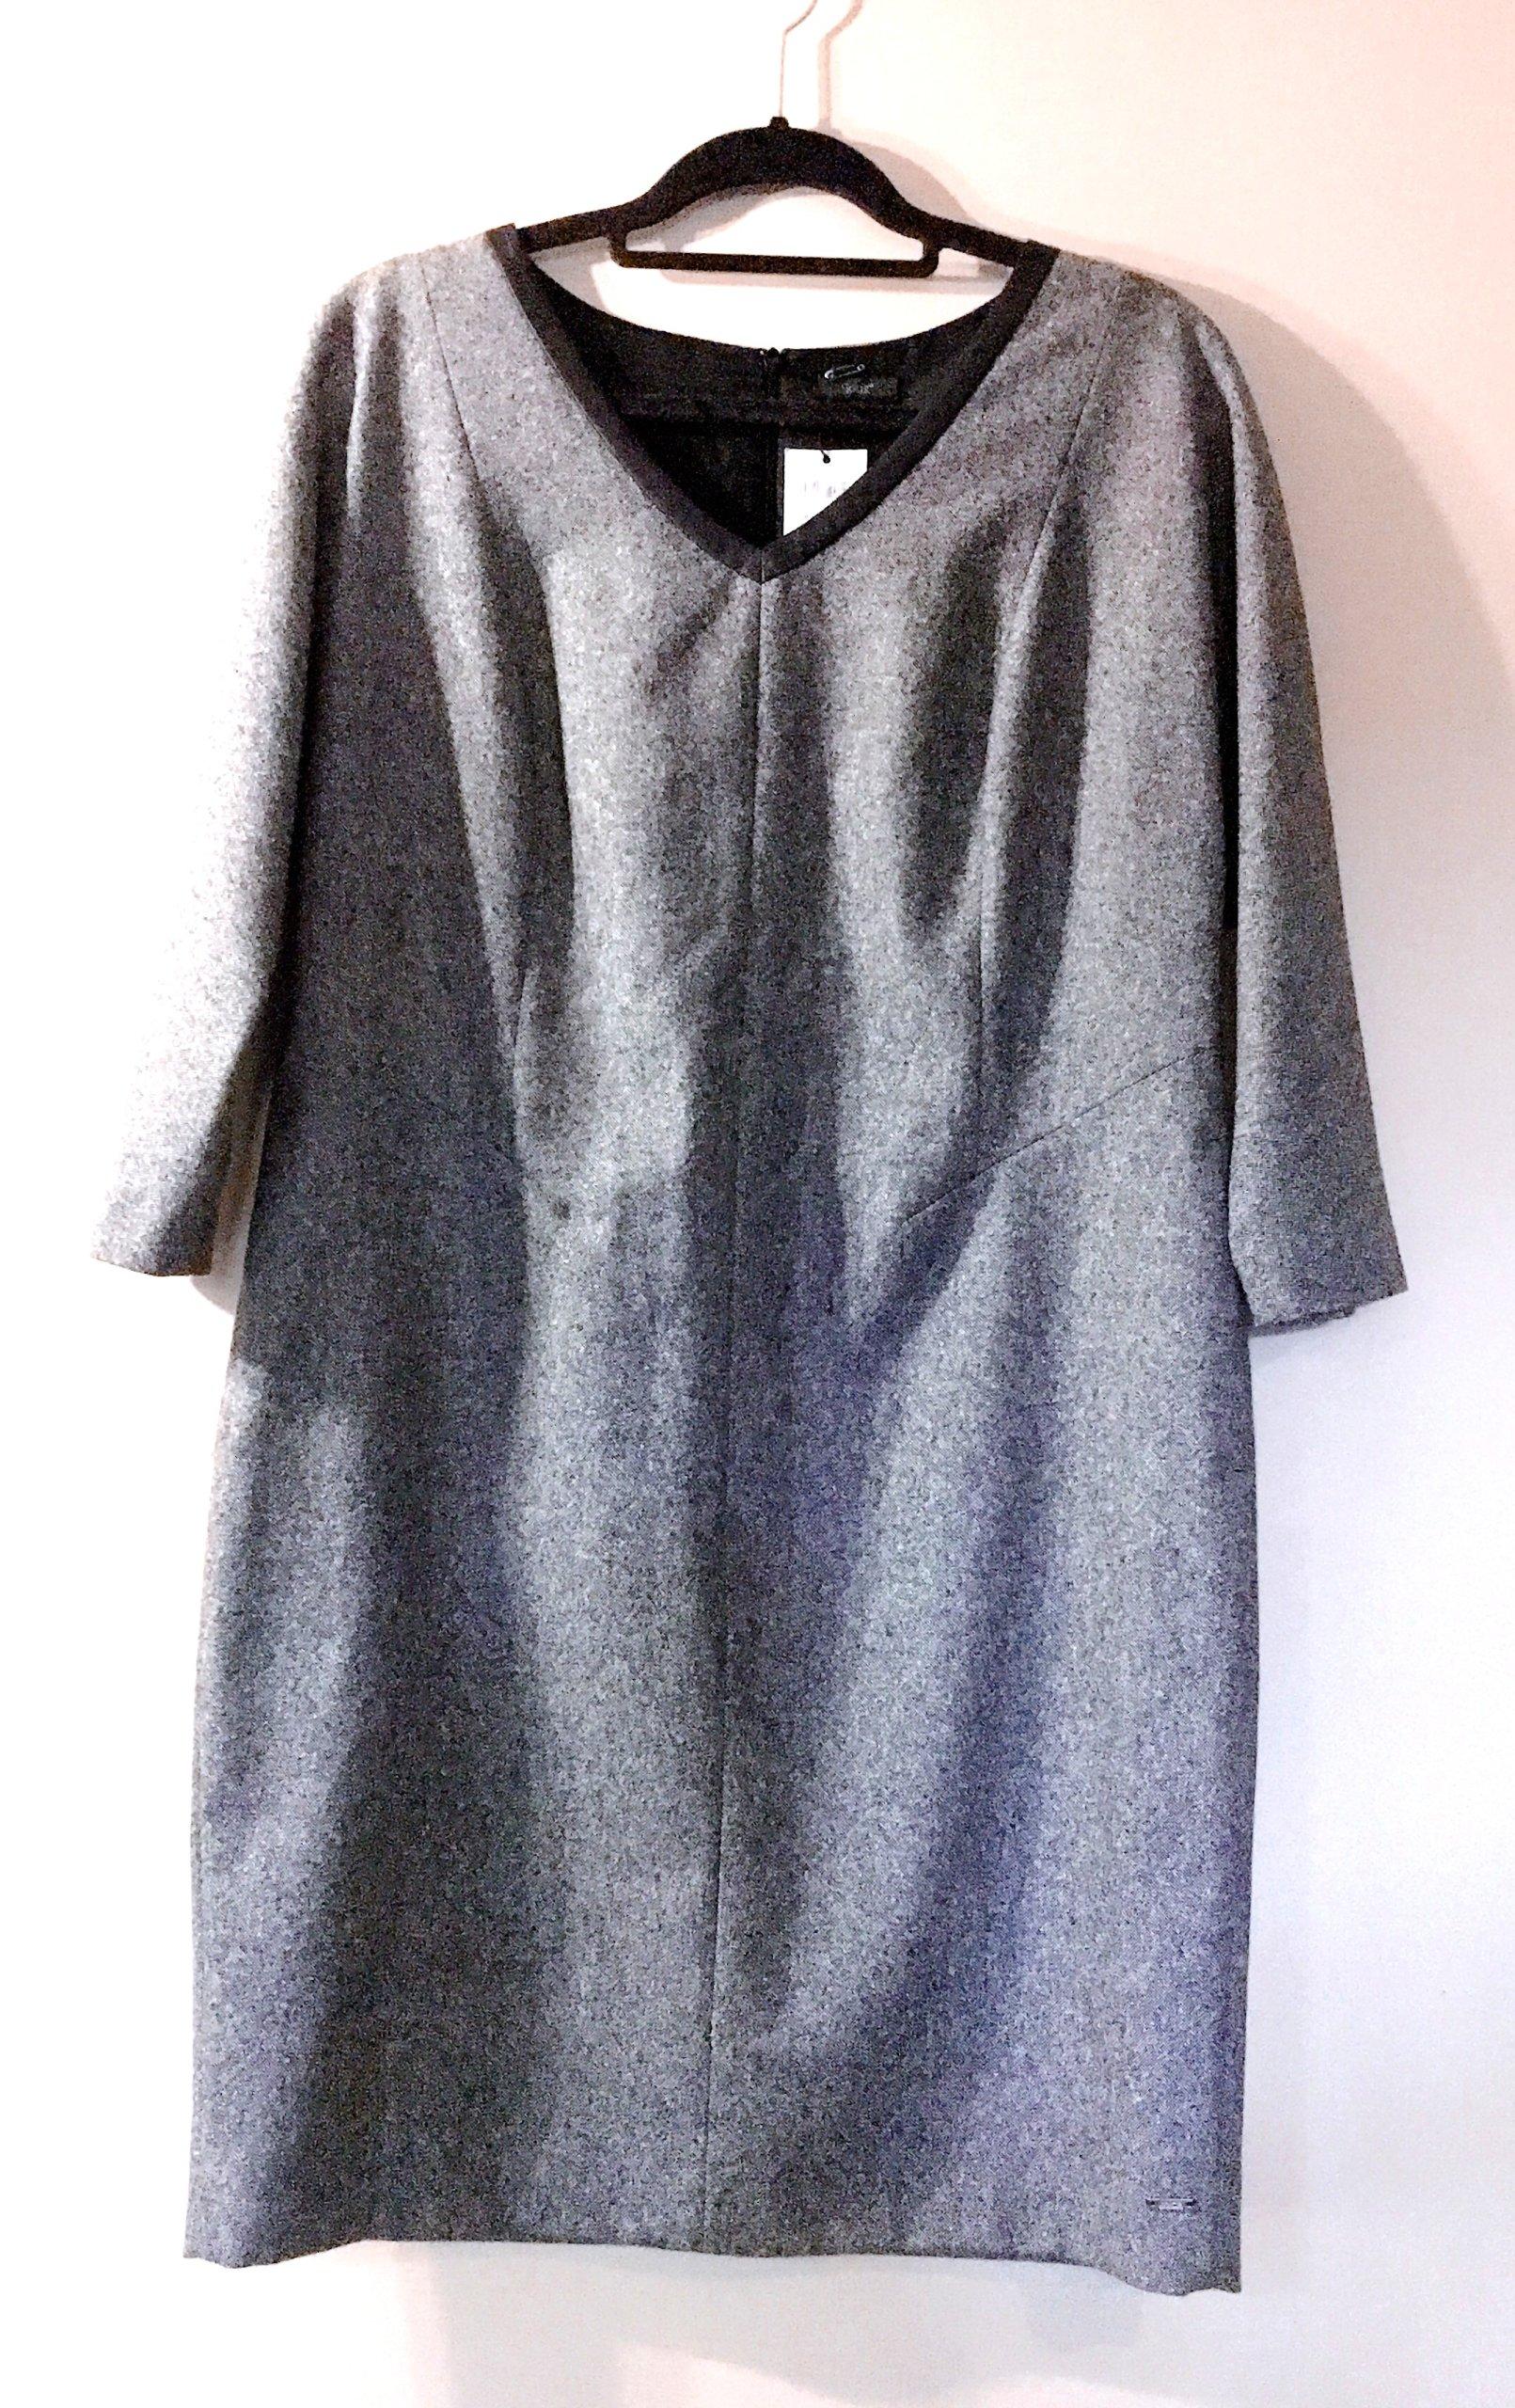 e880975765 SOLAR sukienka Nowa 42 XL - 7200611940 - oficjalne archiwum allegro